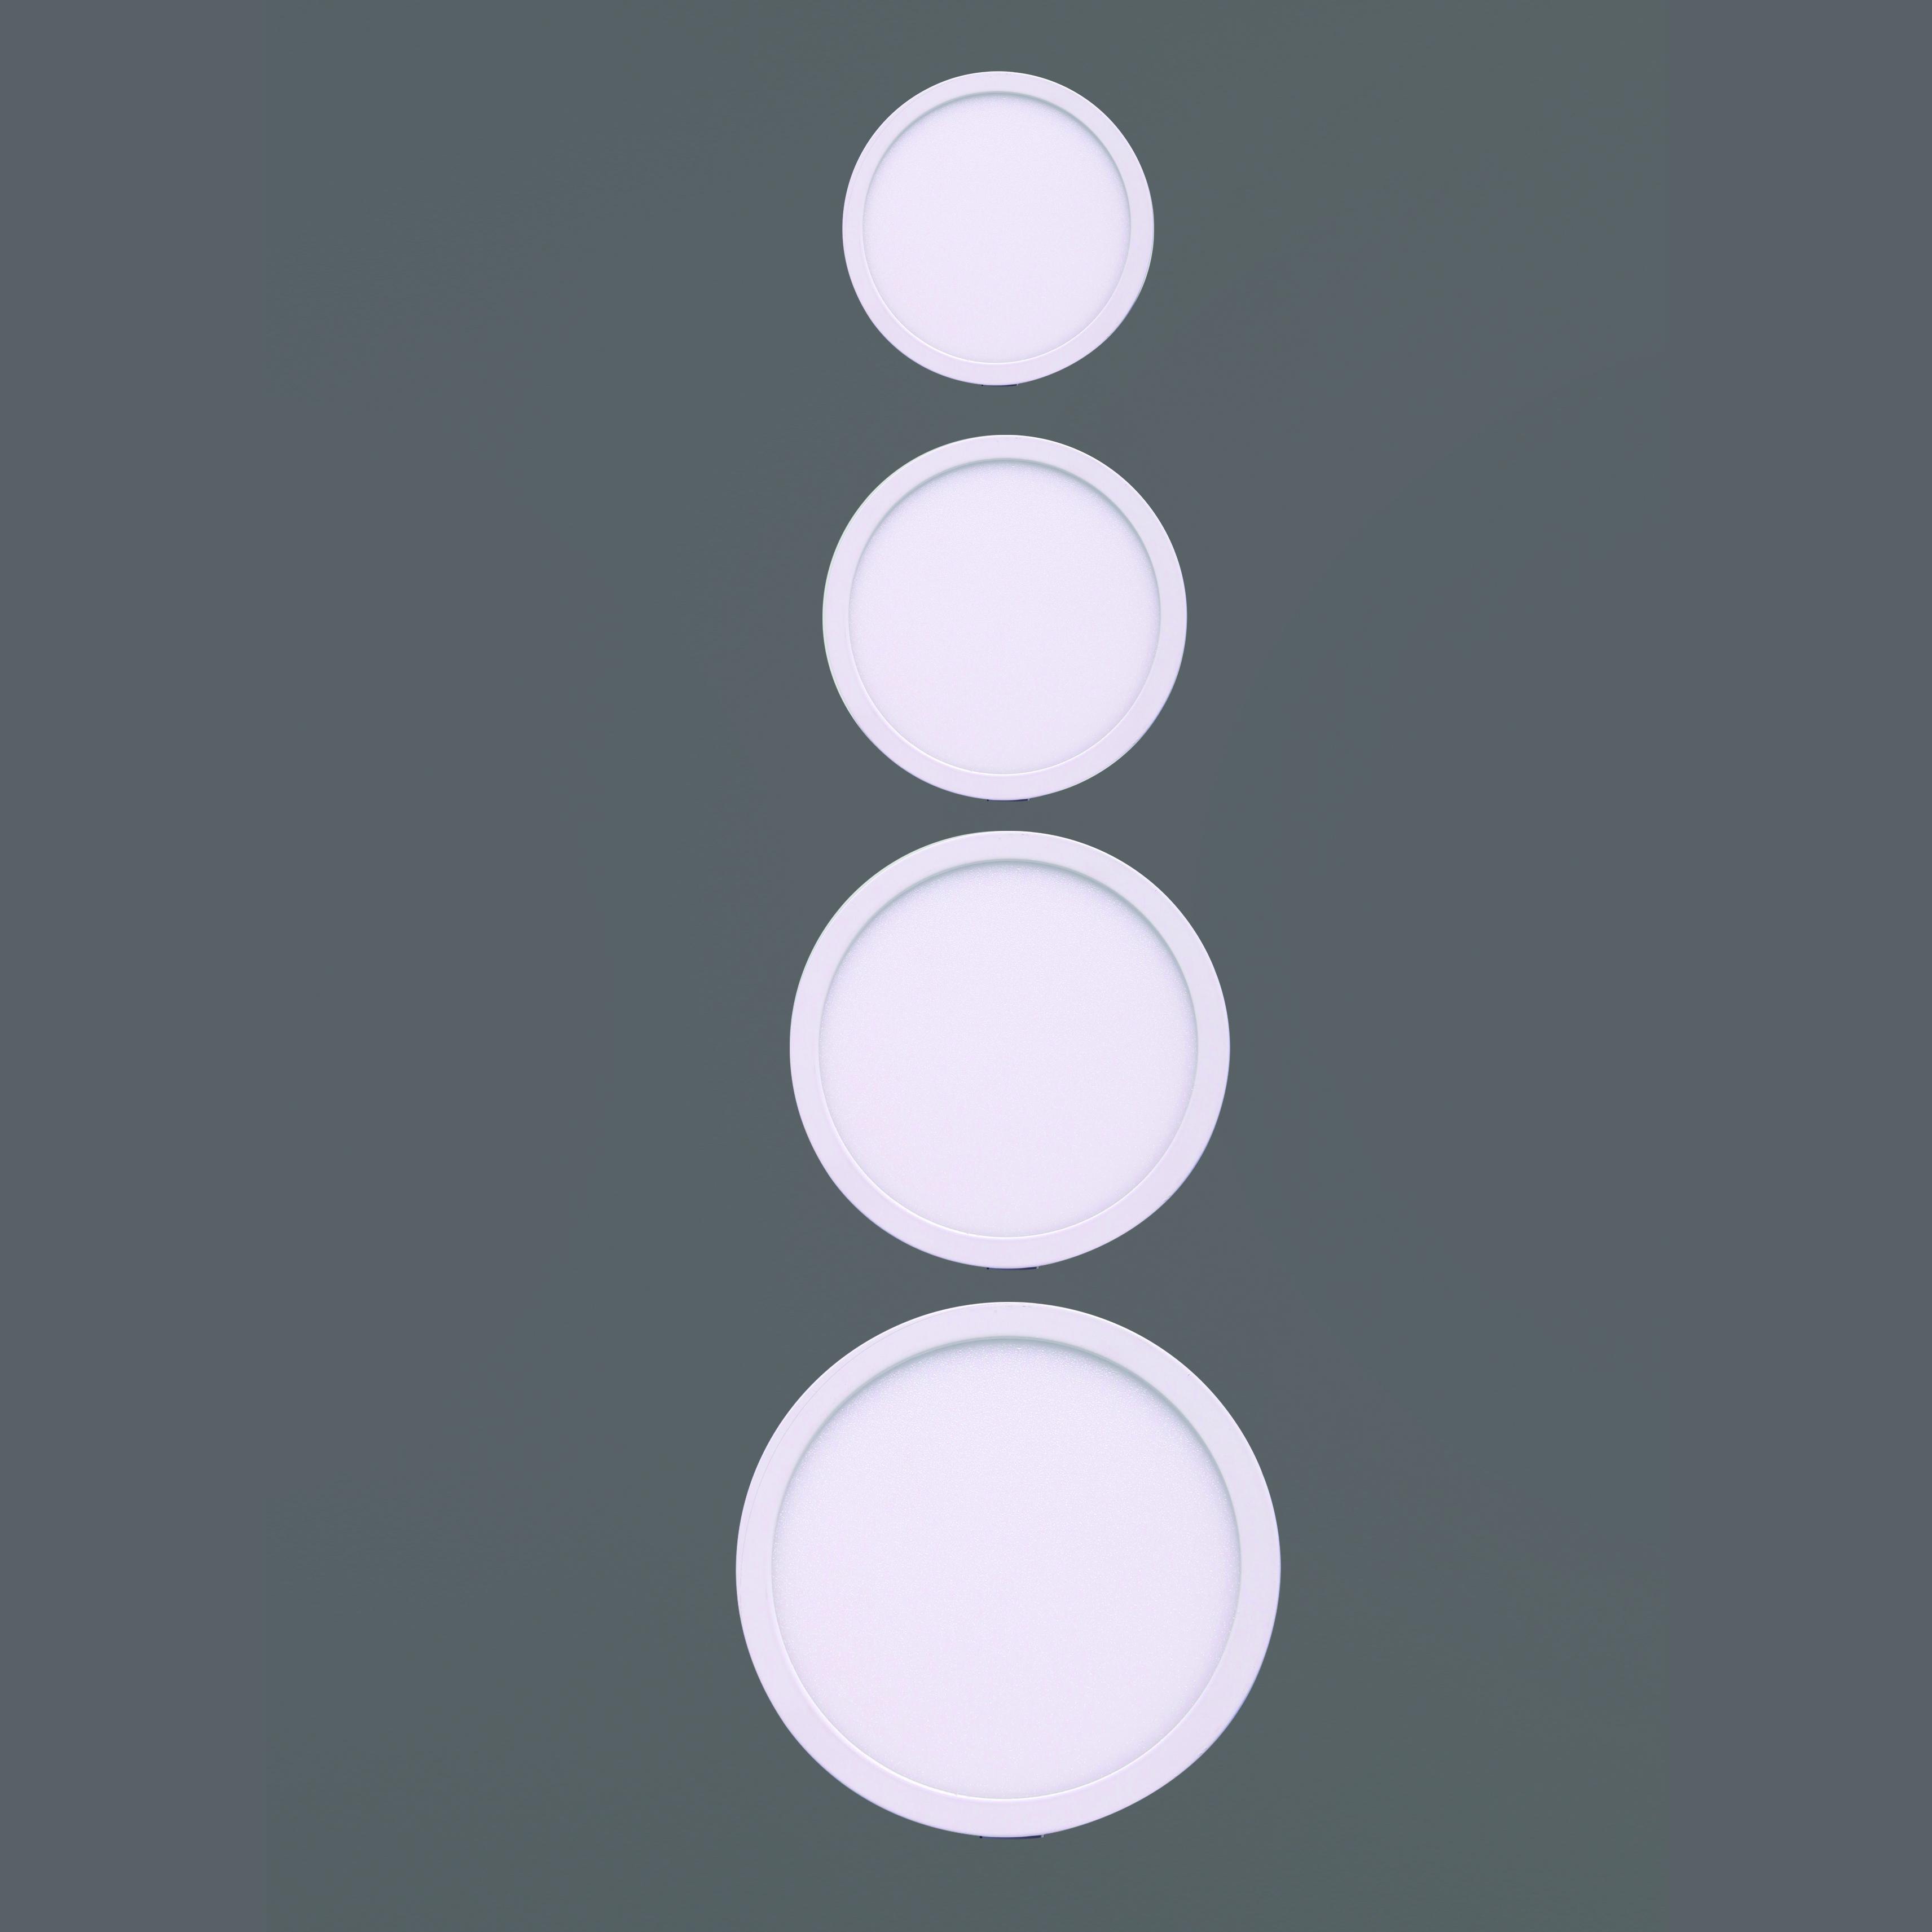 Встраиваемая светодиодная панель Mantra Saona C0187, белый, металл, пластик - фото 4